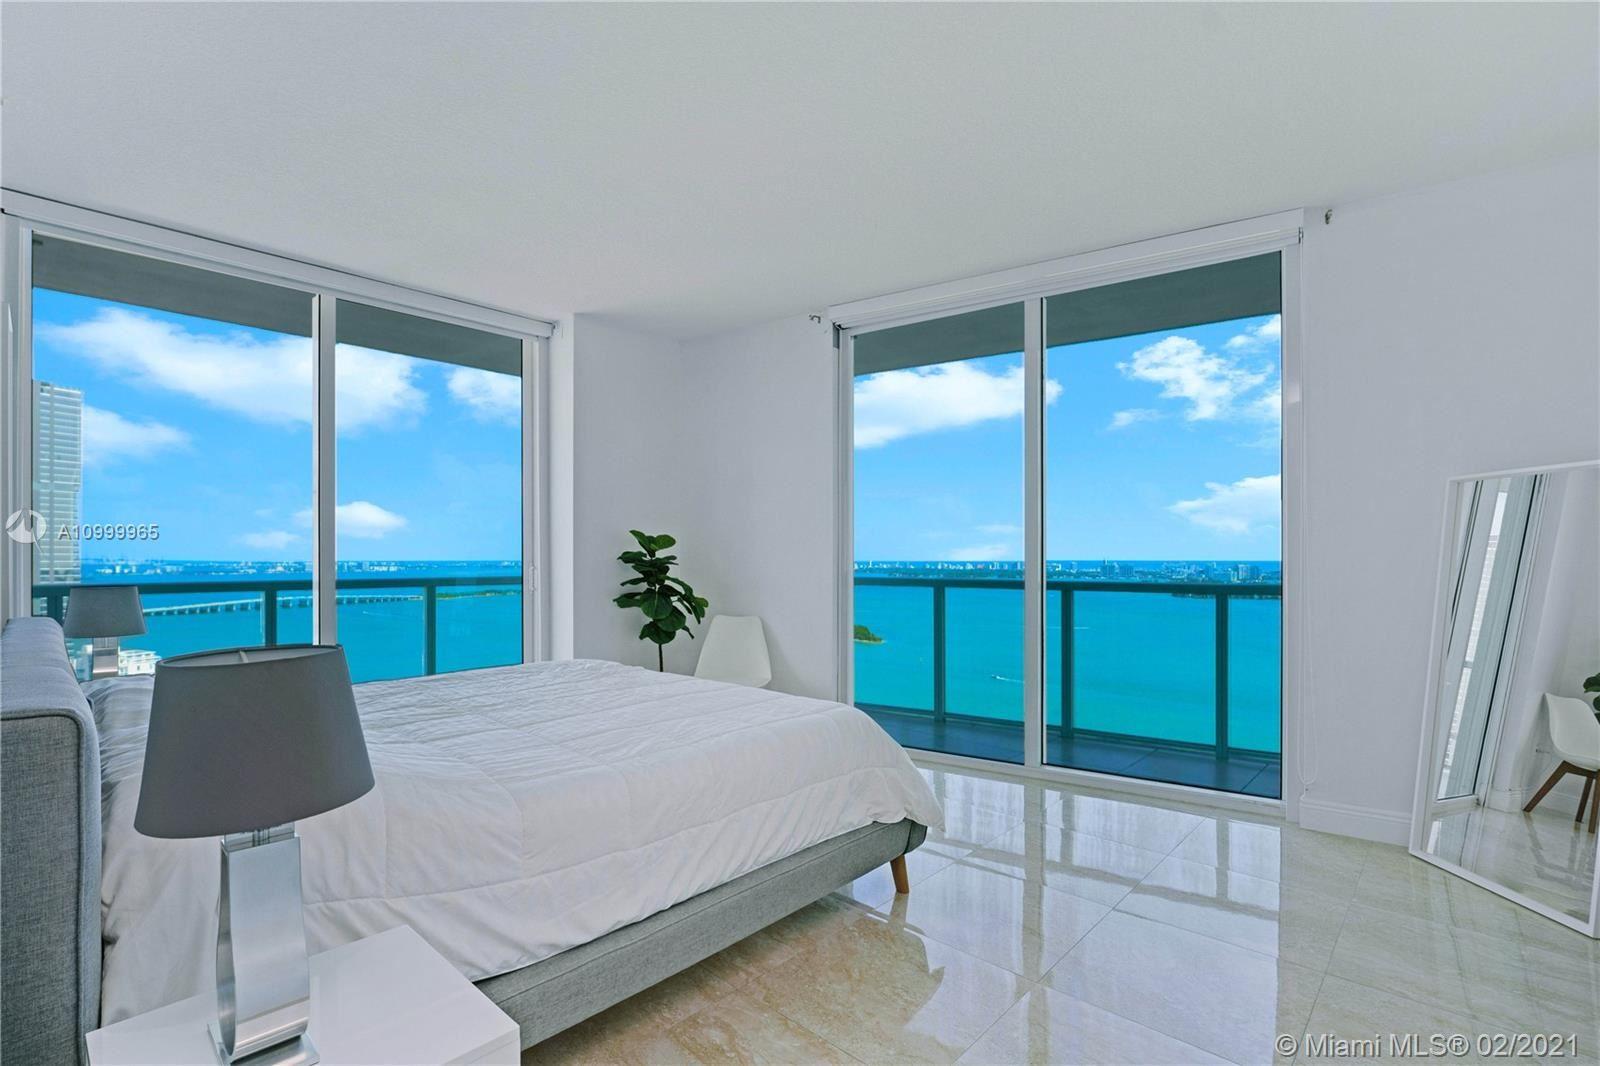 1900 N Bayshore Dr #3815, Miami, FL 33132 - #: A10999965